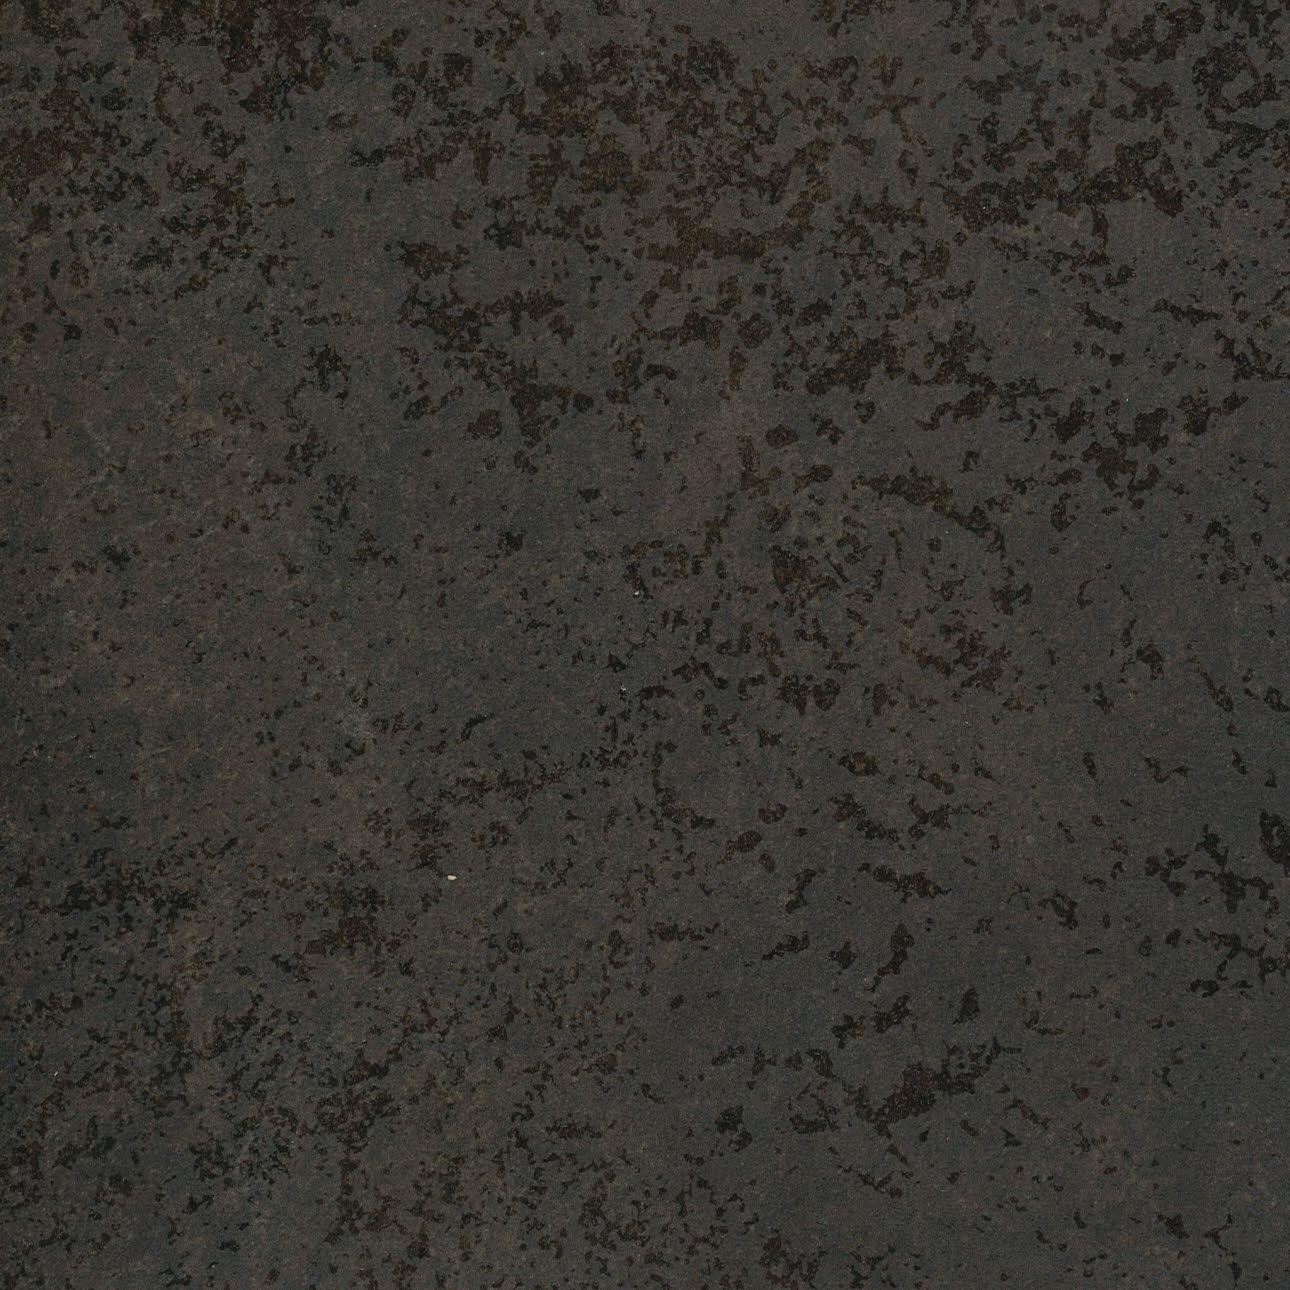 Arbeitsplatte Kche Eiche Grau Welser Kuche Outdoor Kche Neugebauer Fensterfolie